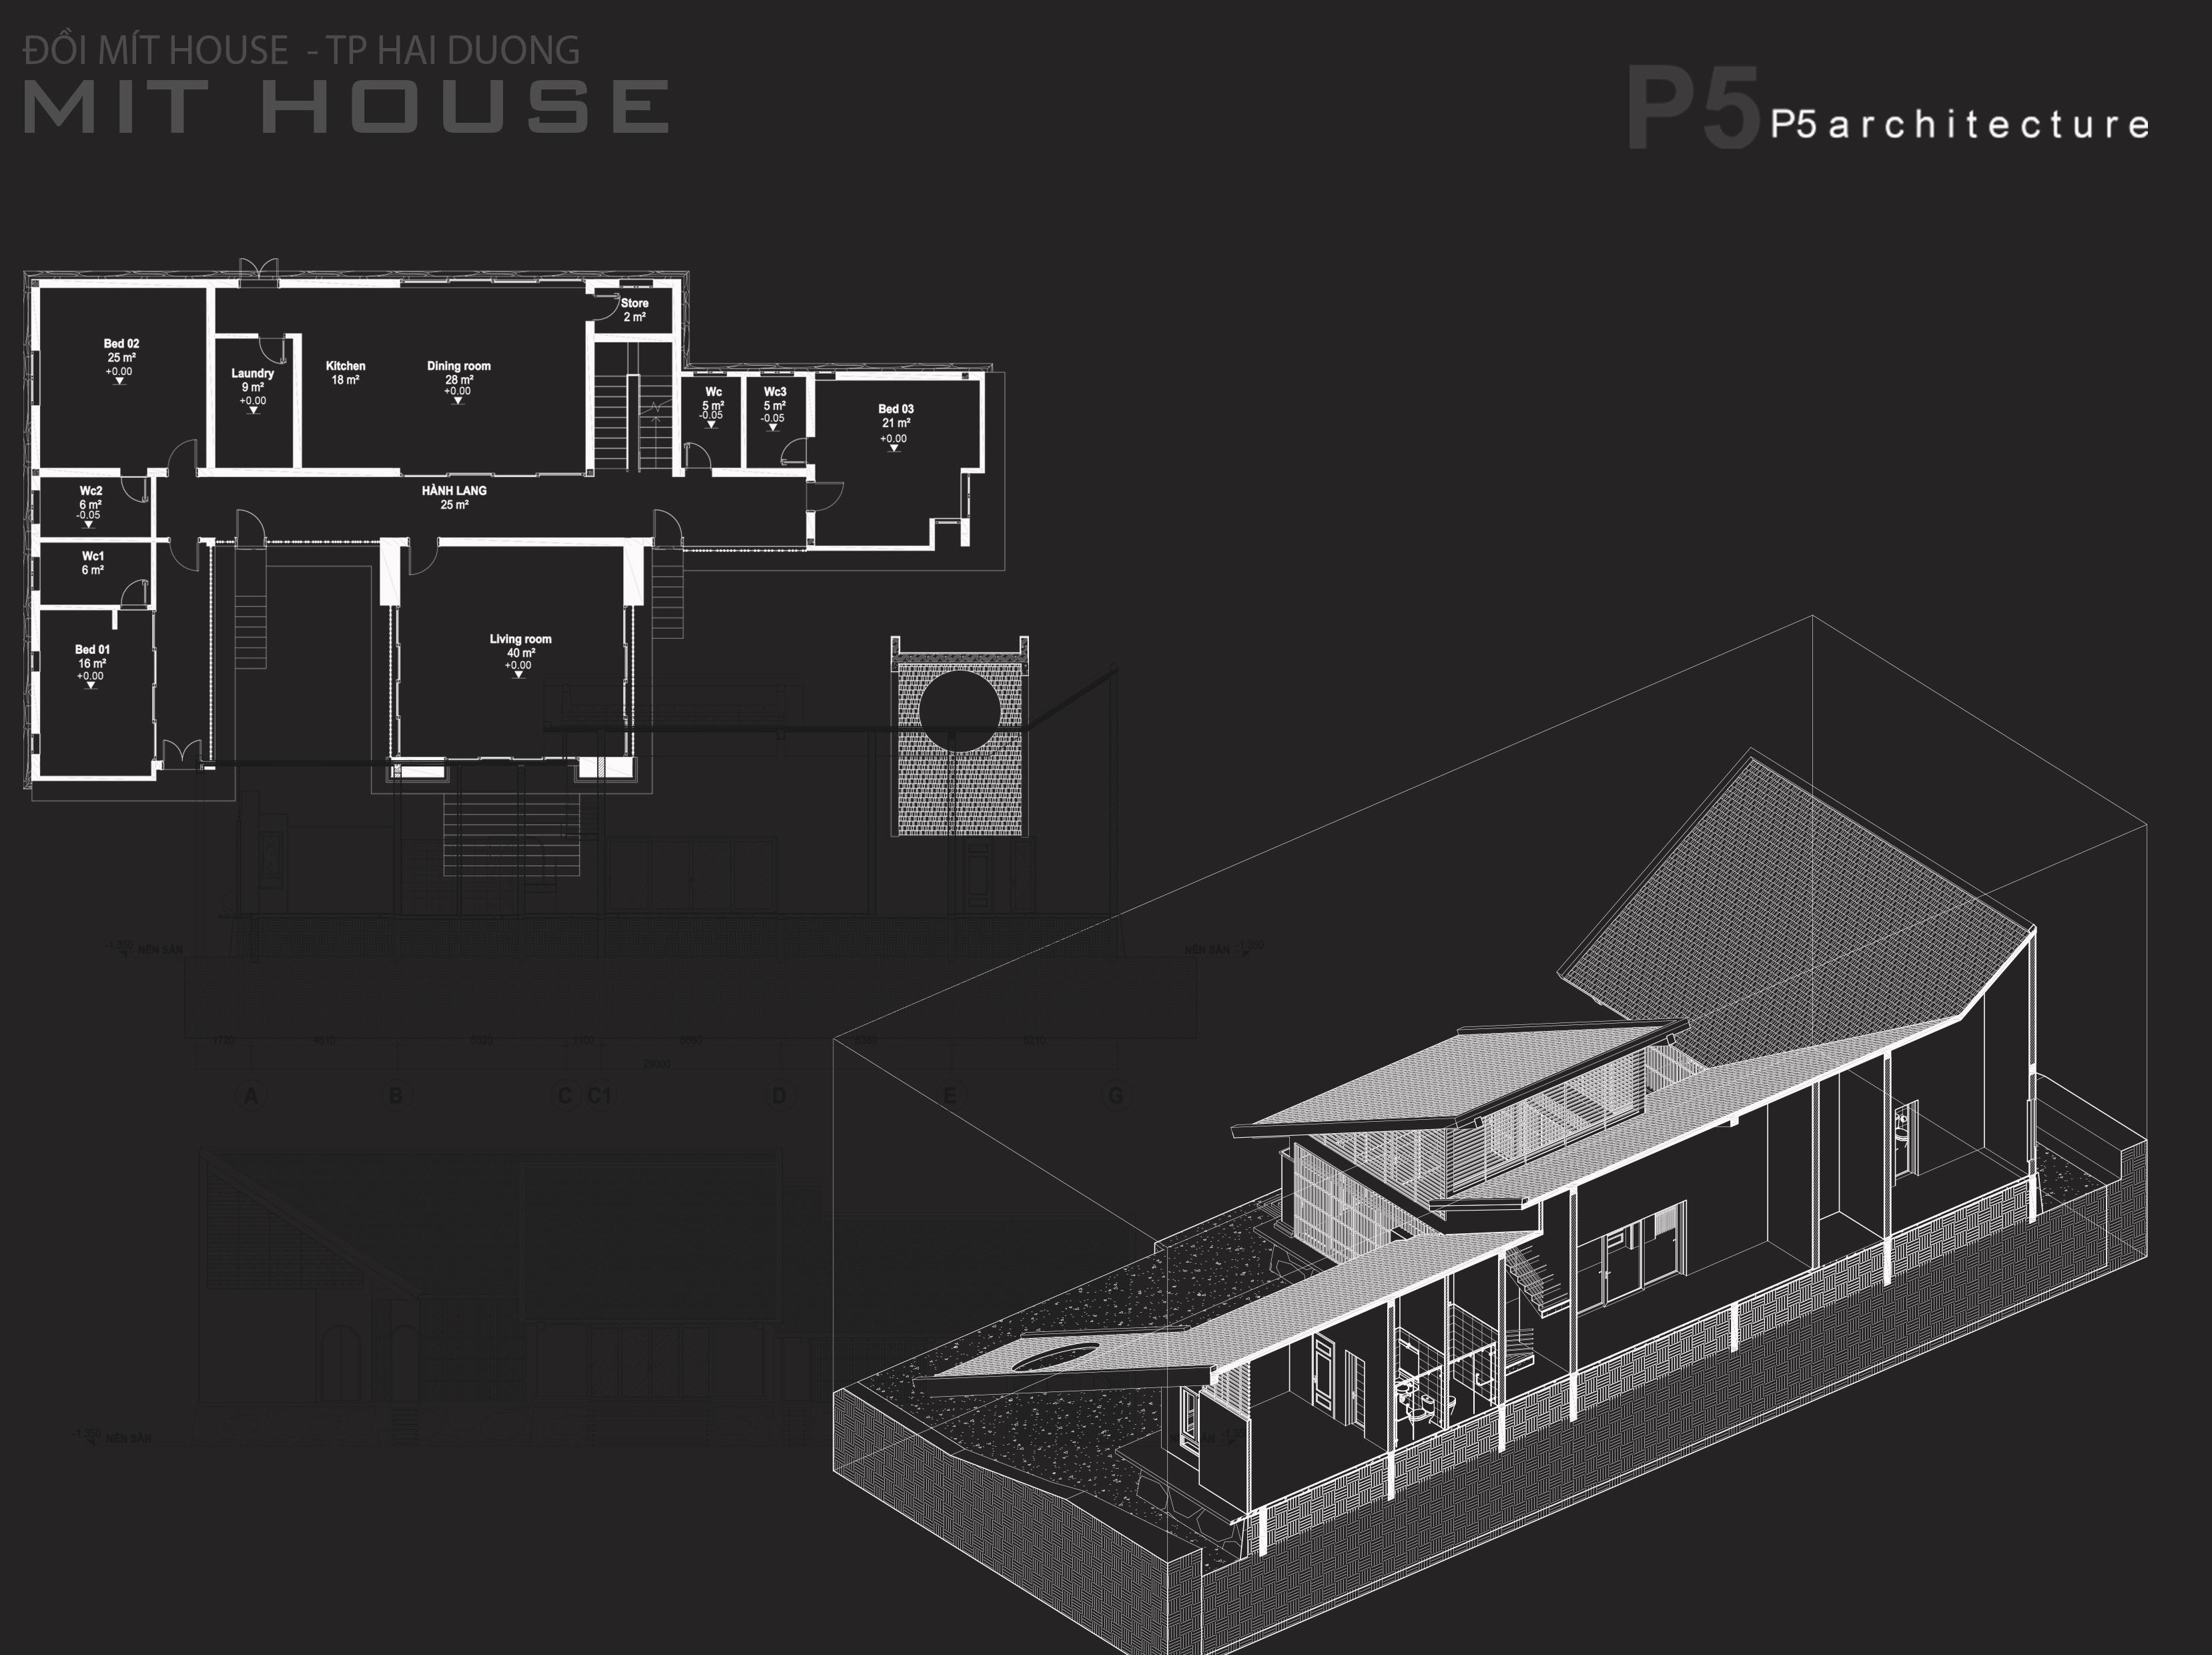 Thiết kế Nhà tại Hải Dương MIT HOUSE 1592840190 5